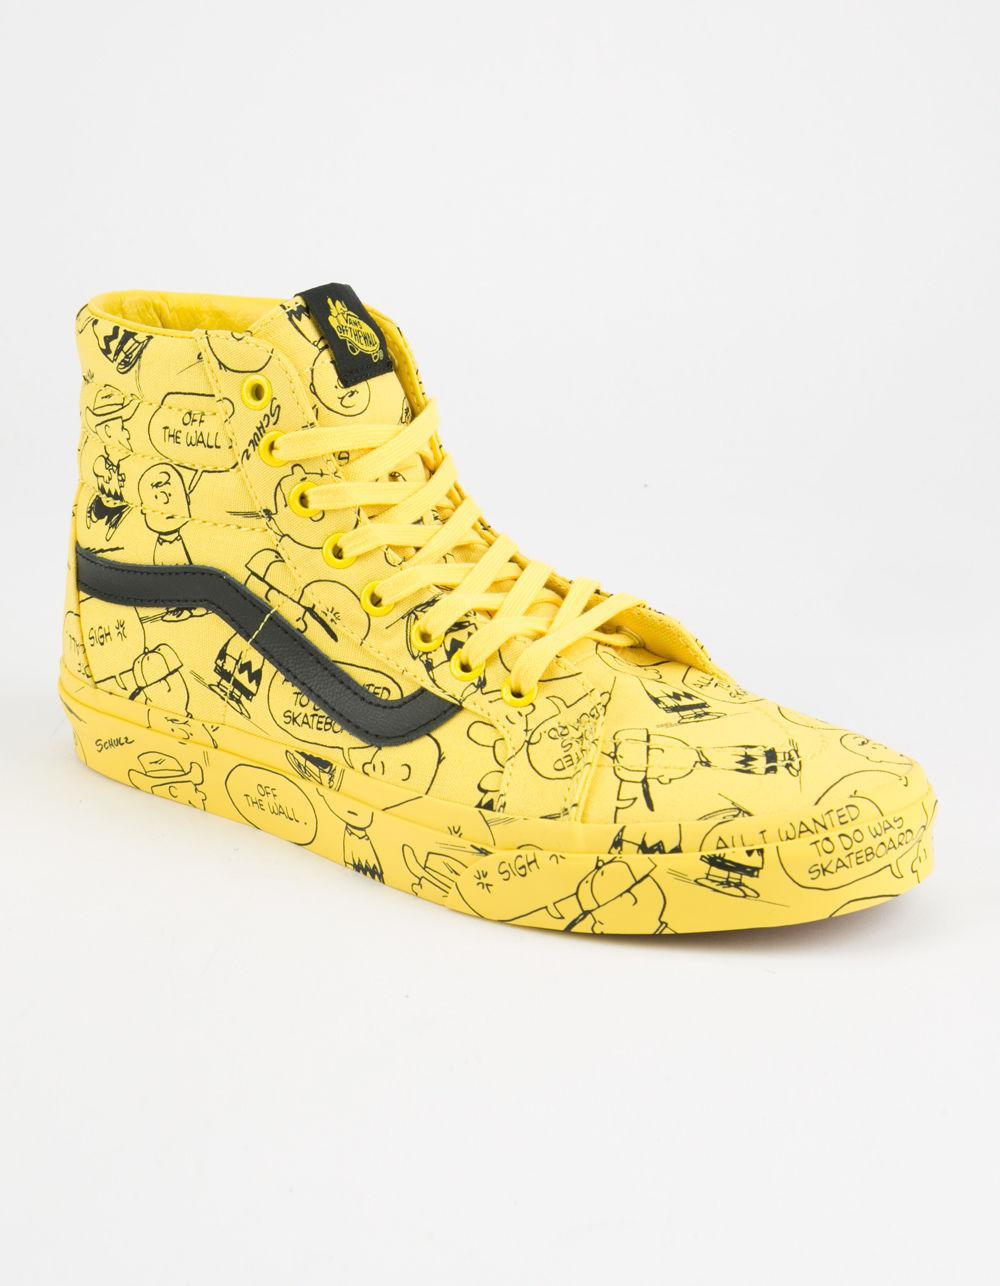 Vans Canvas X Peanuts Charlie Brown Sk8